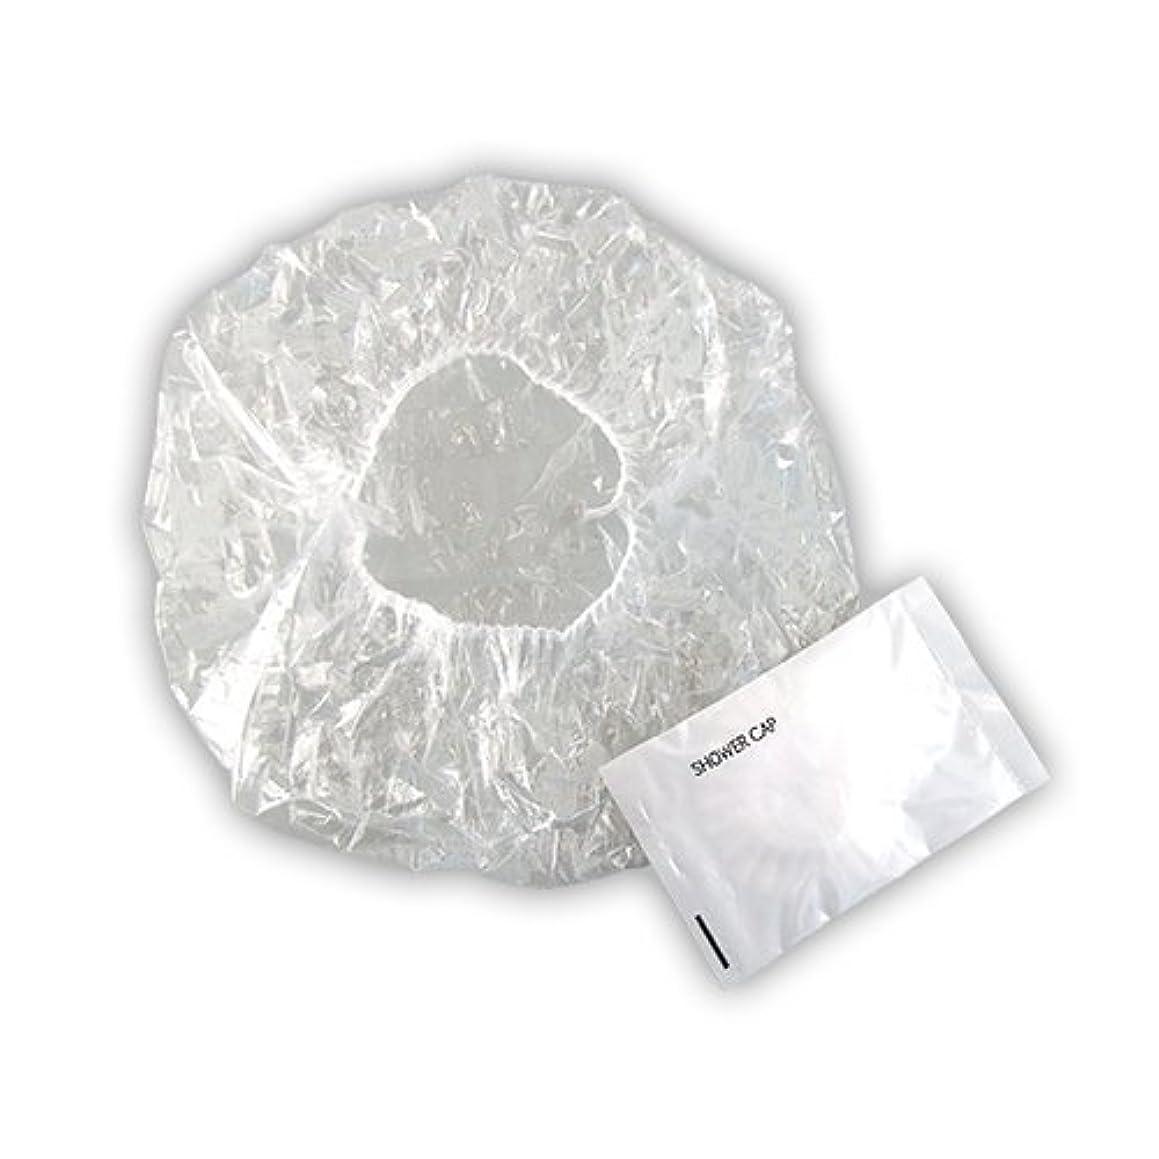 慈悲保護困った使い捨て シャワーキャップ 業務用 個包装タイプ ×20個セット|ホテルアメニティ (SHOWER CAP)